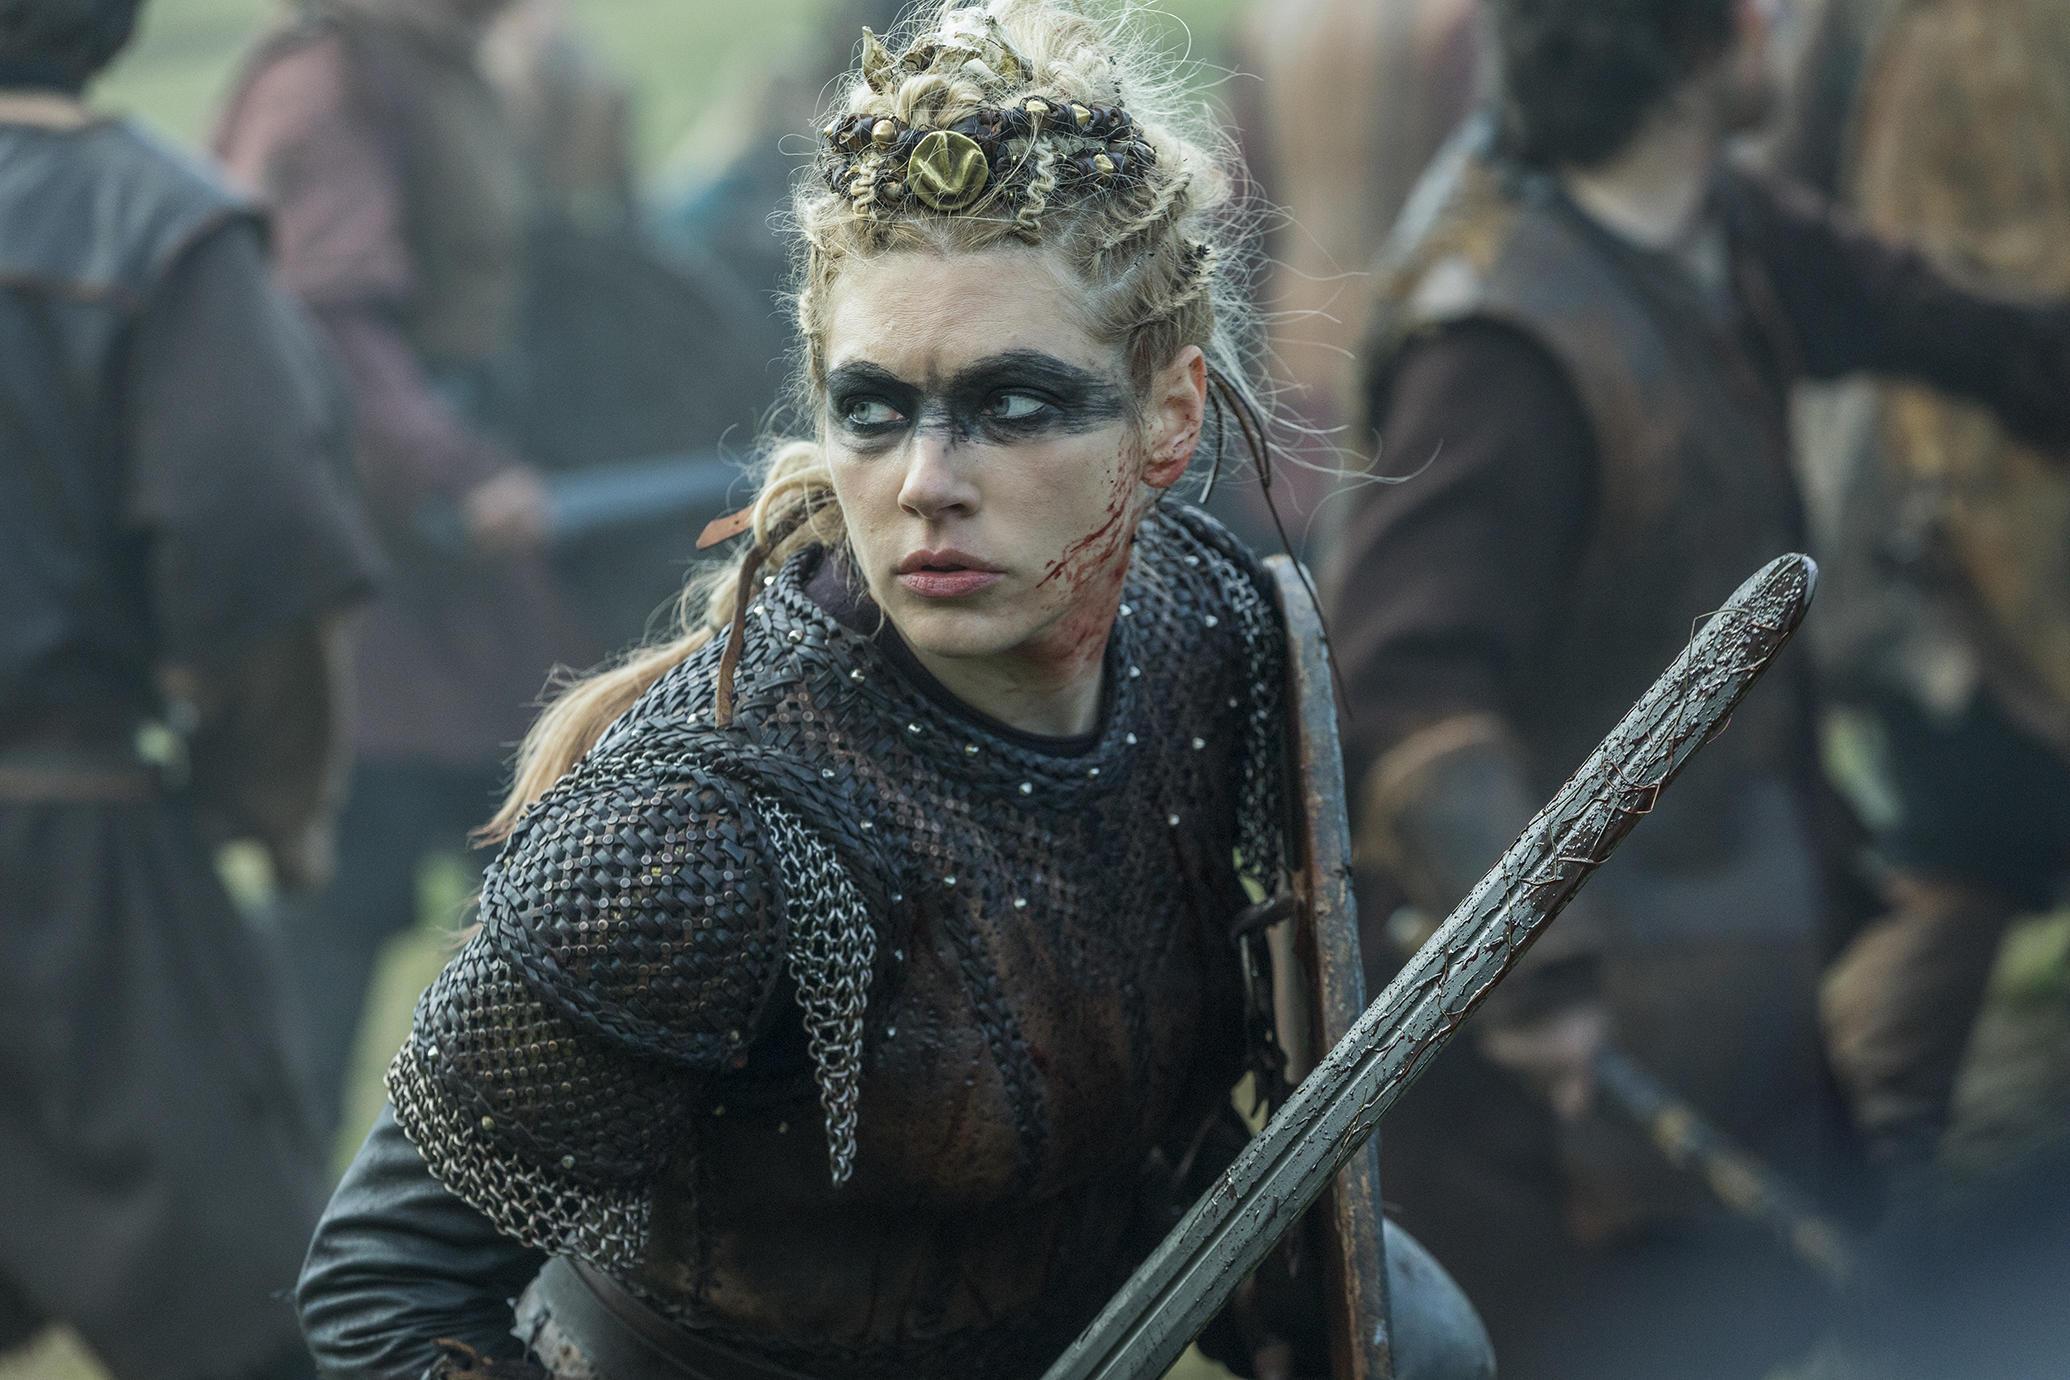 katheryn winnick kot Lagertha v seriji vikingi (vikings)